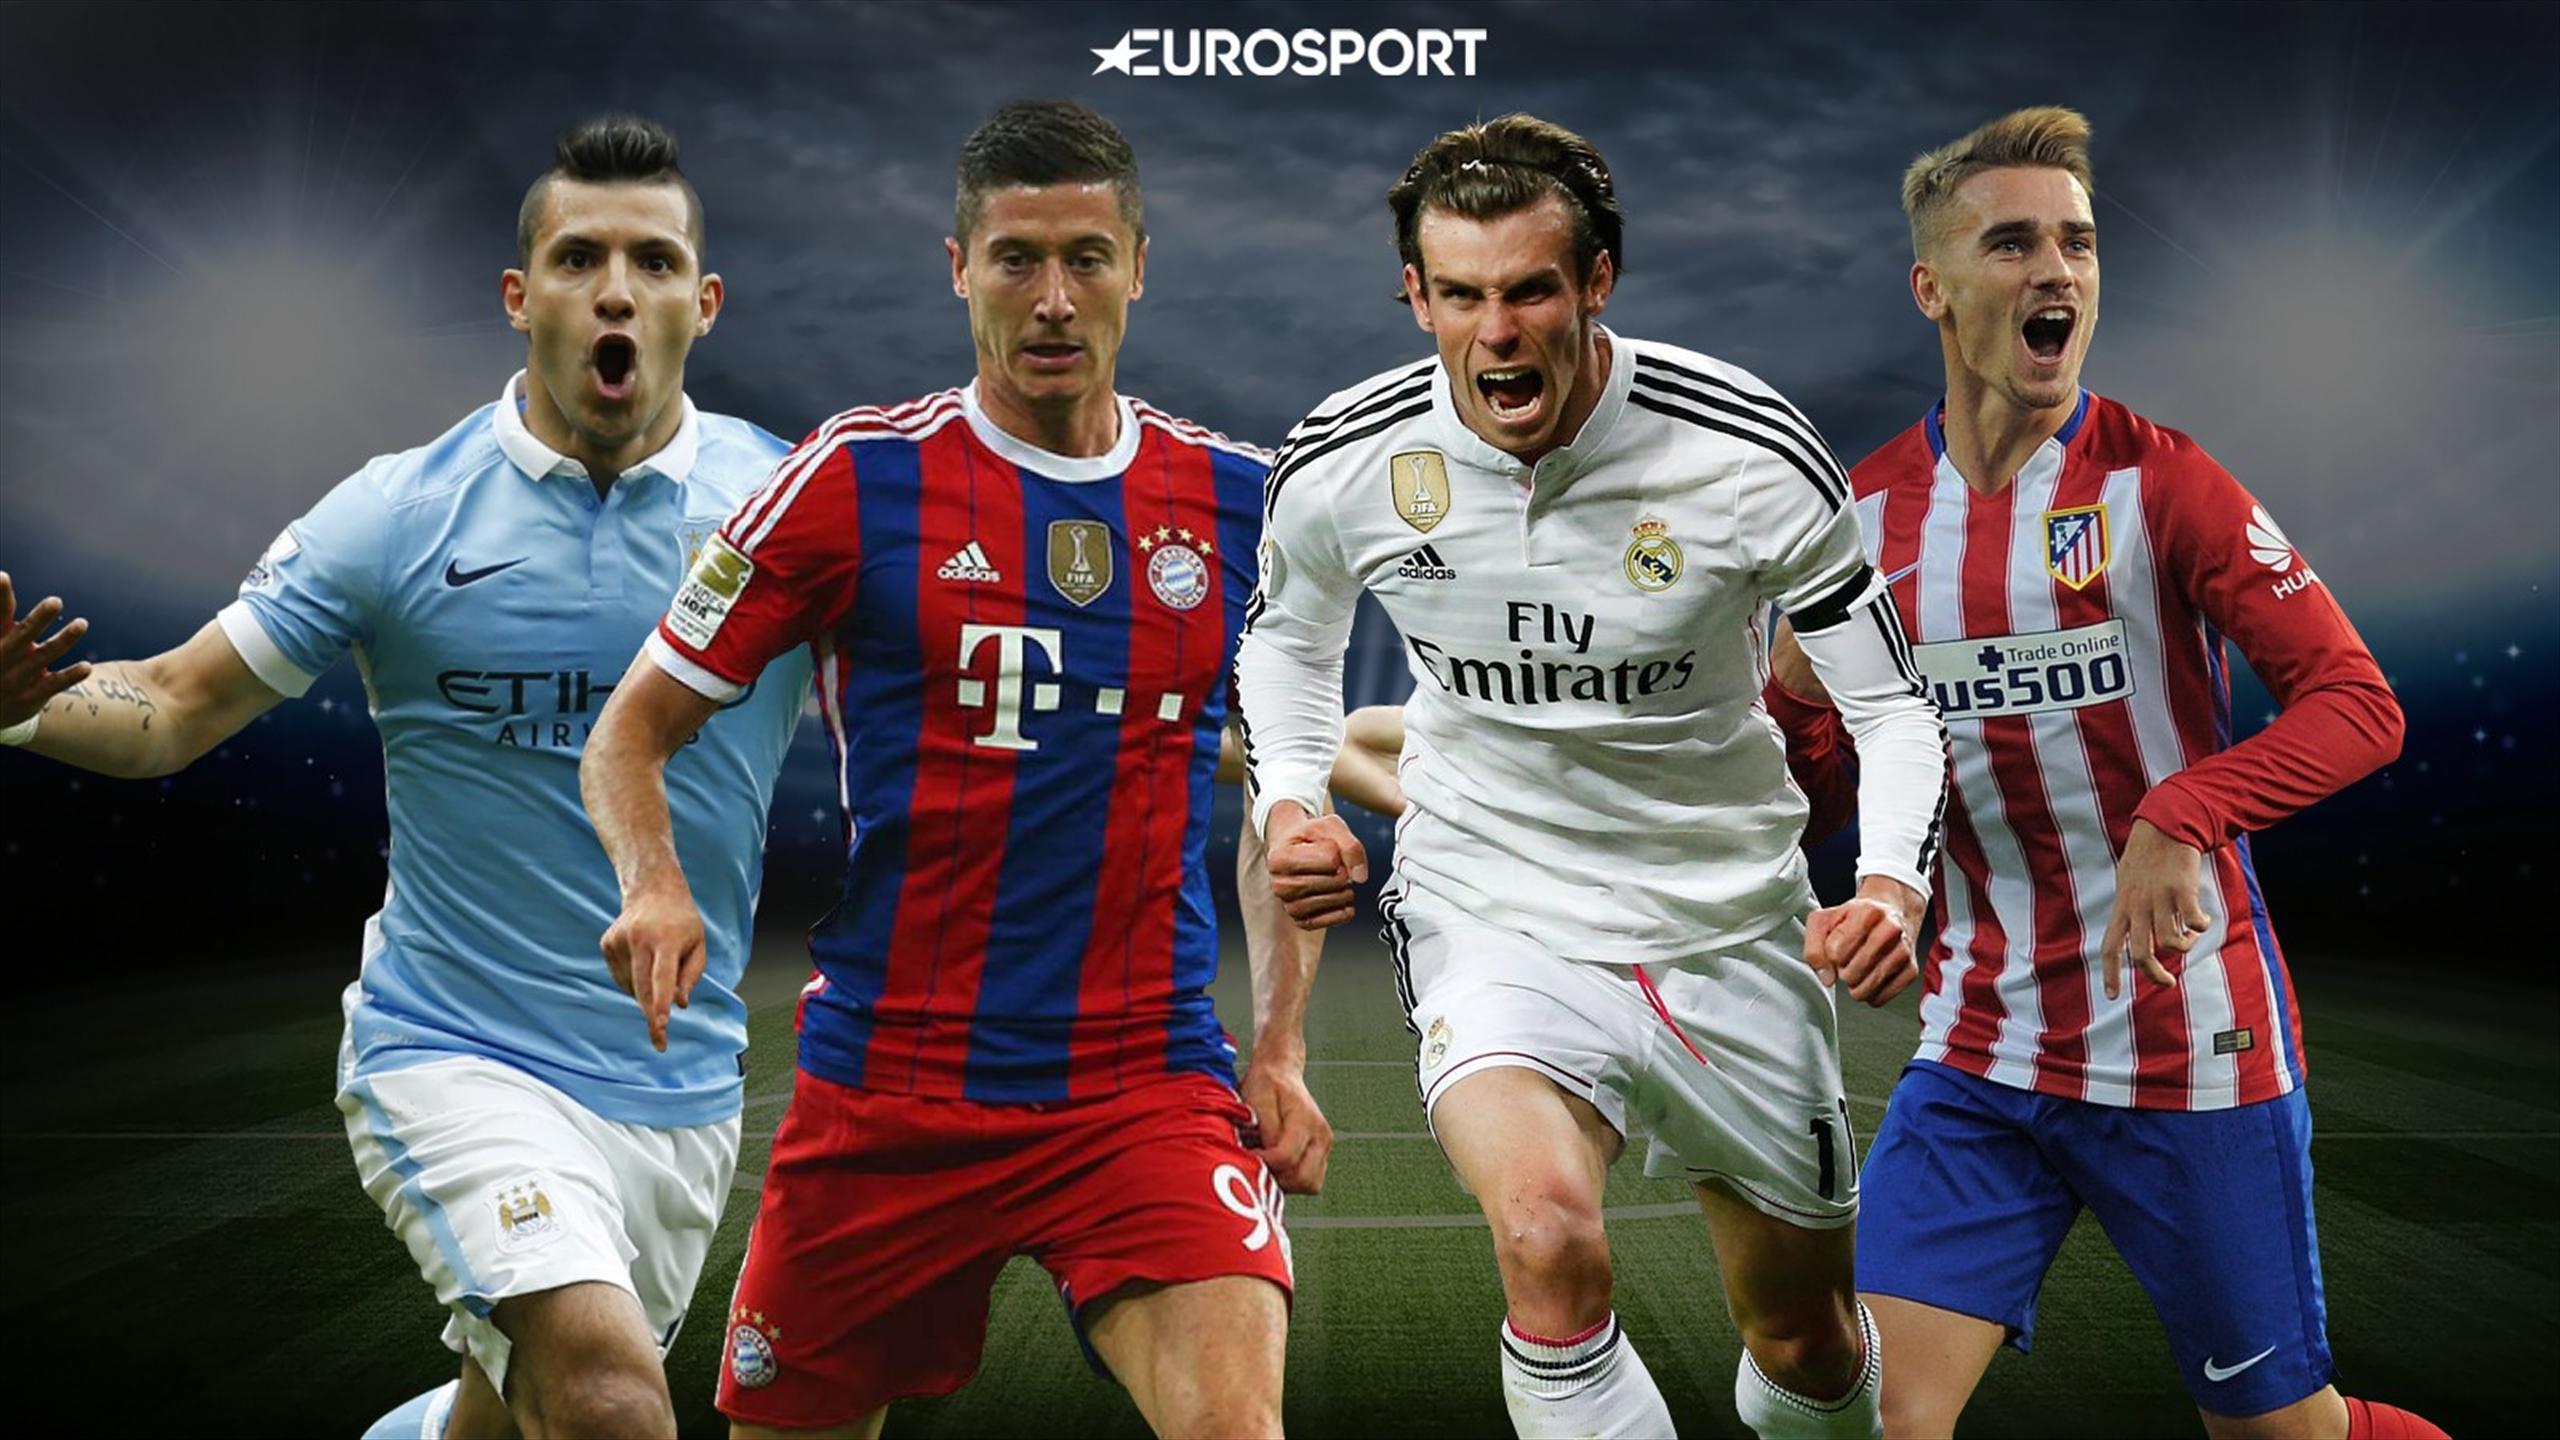 Кто выиграет лиги чемпионов по футболу